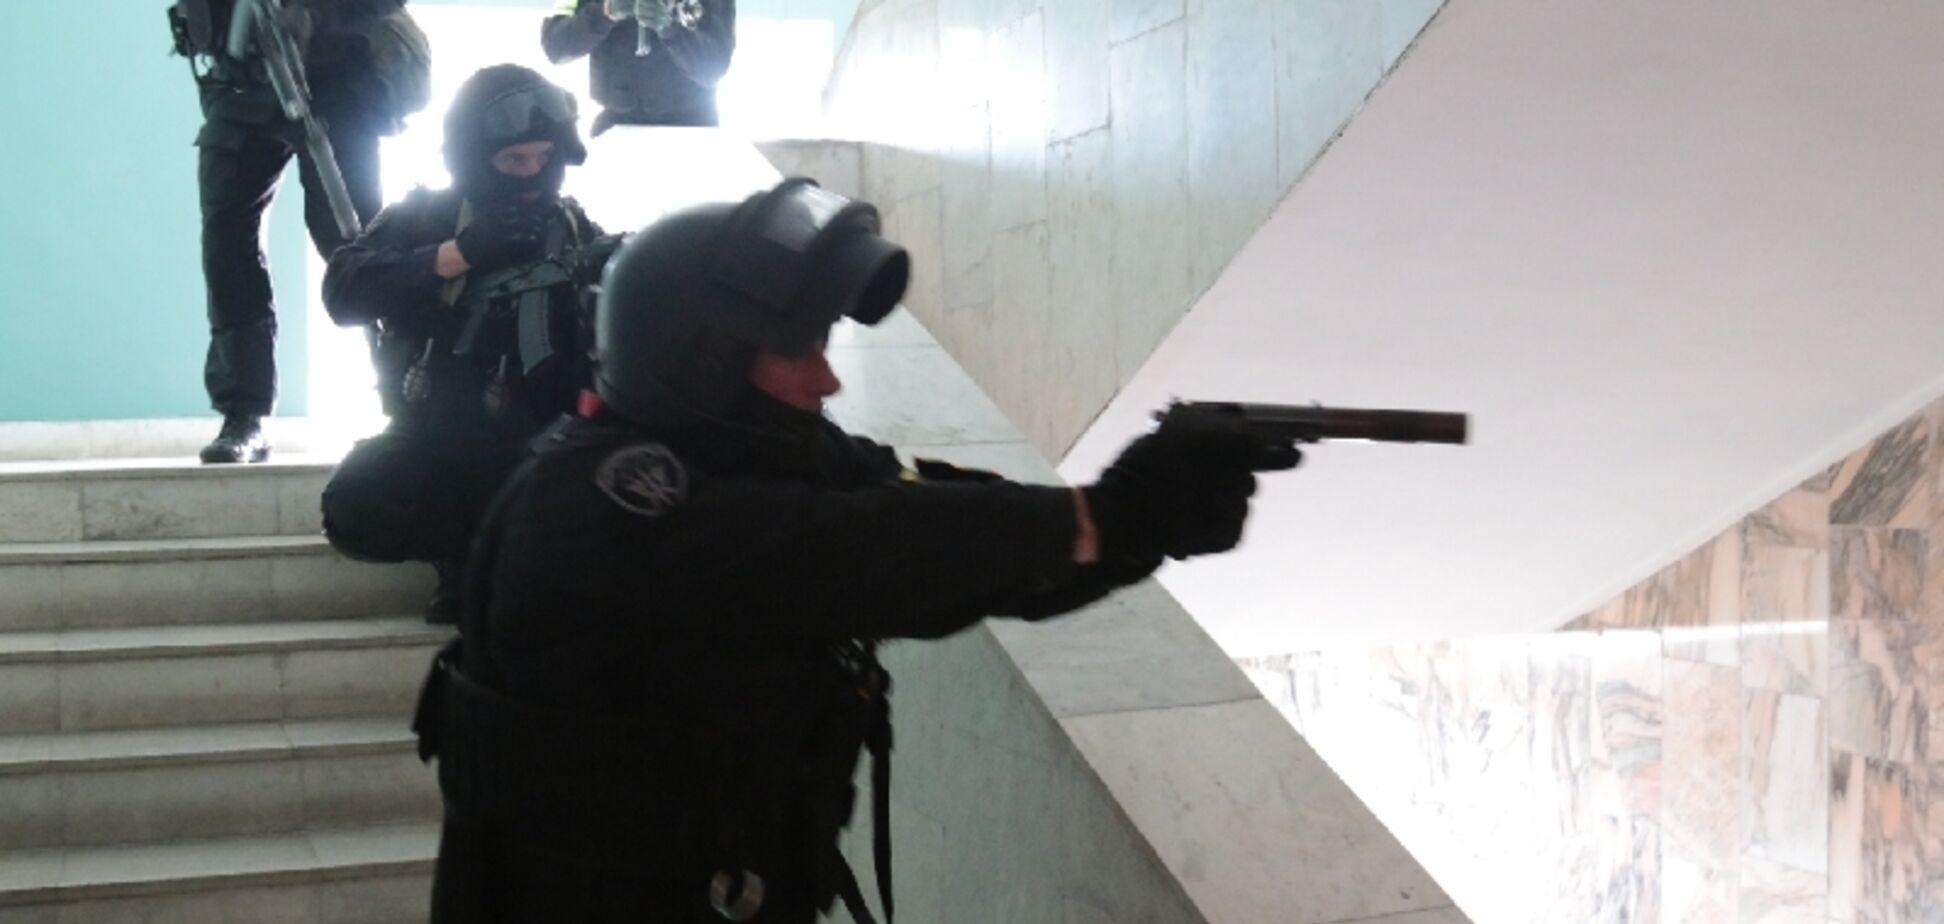 Діти плакали: в Росії школяр із пістолетом захопив гімназію і взяв заручників